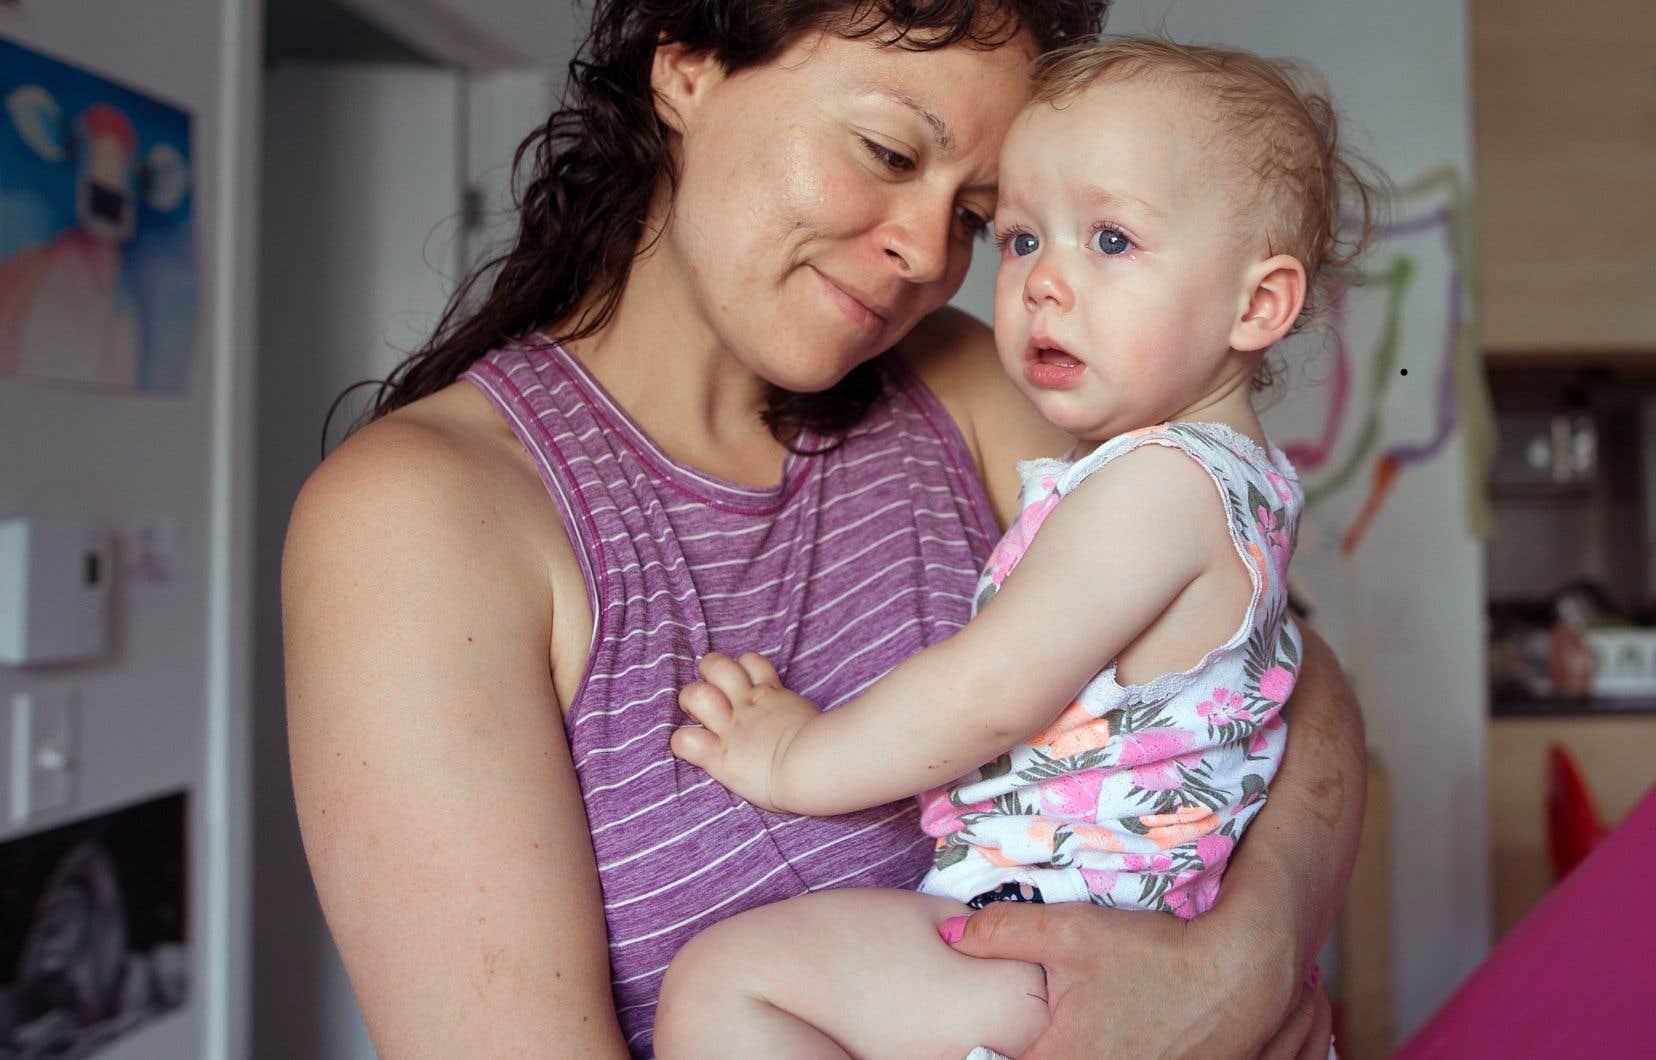 Alanie se bat pour conserver la garde de sa petite Léa, 18 mois, aux côtés du père de son enfant, avec qui la relation demeure fragile.